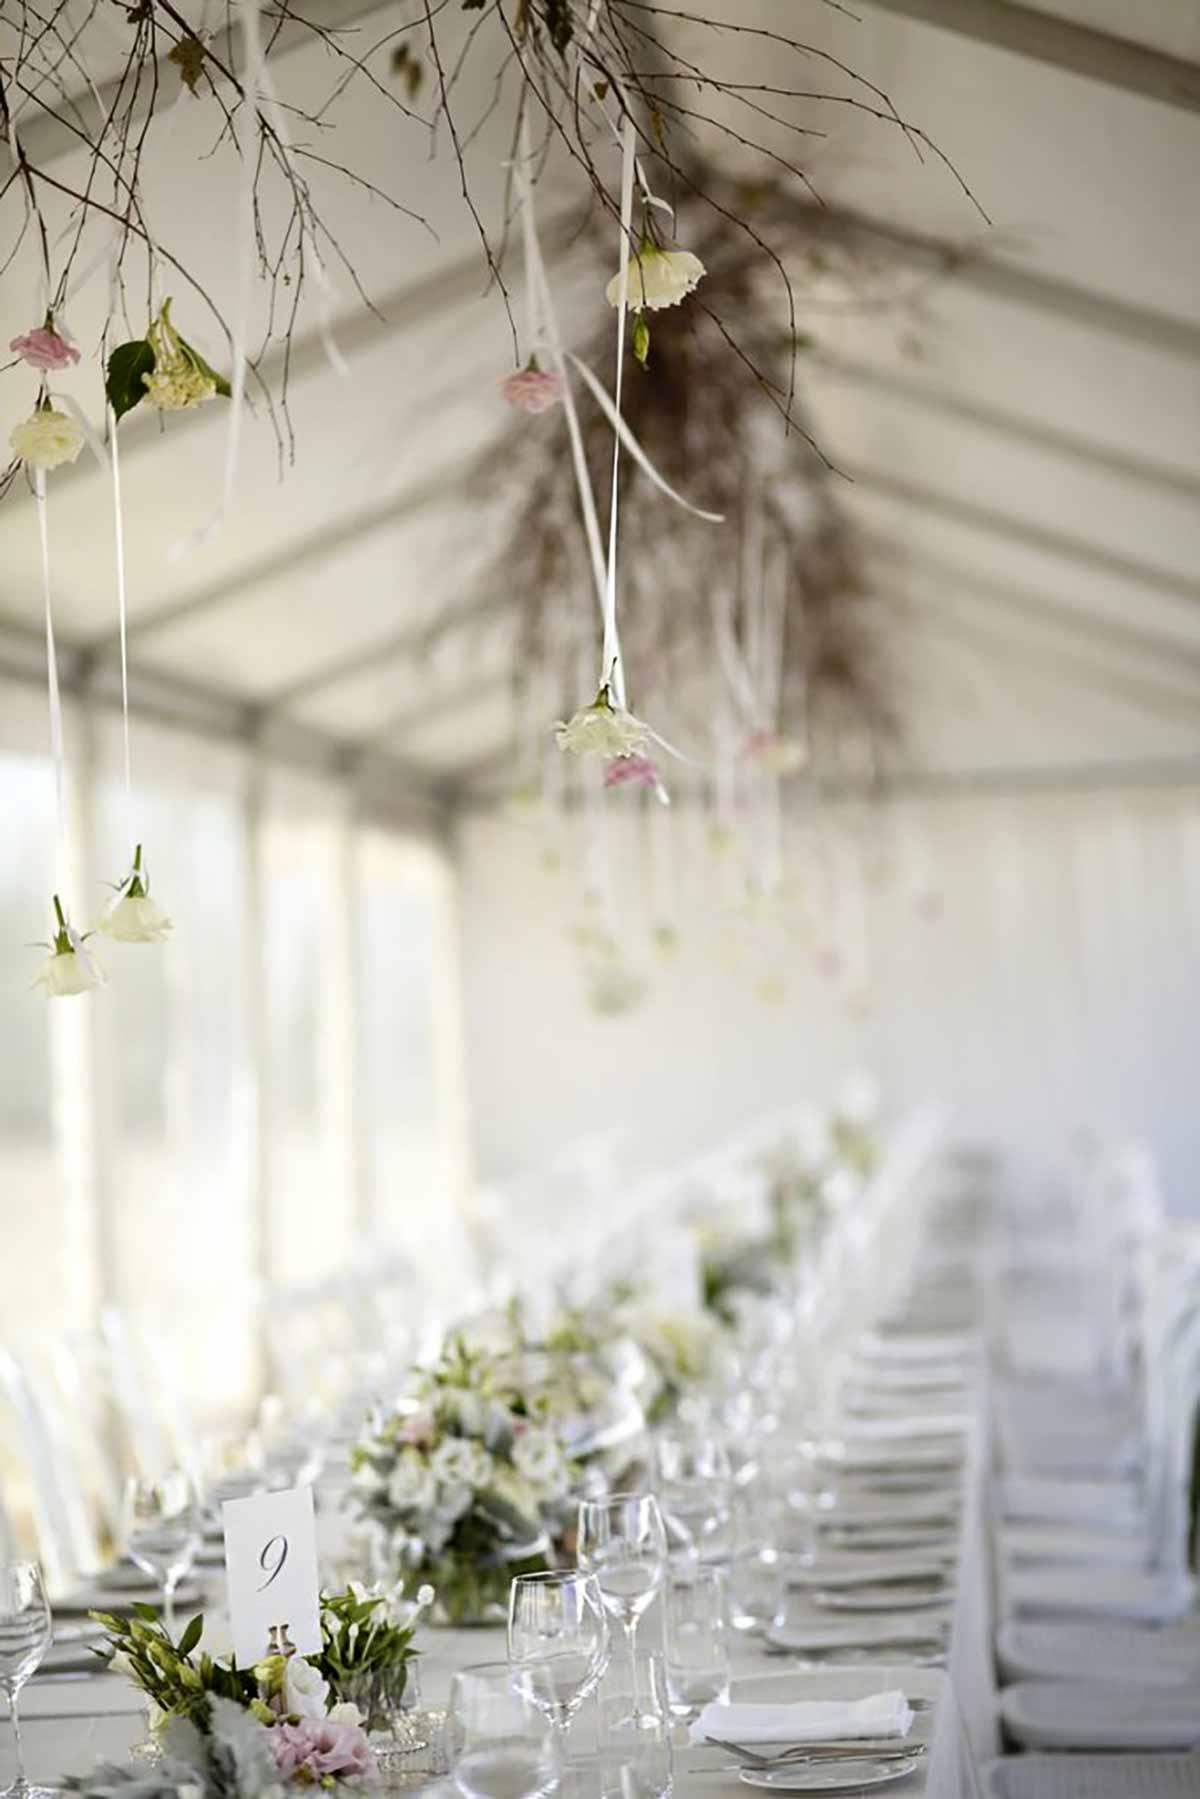 brudeparret i skoven